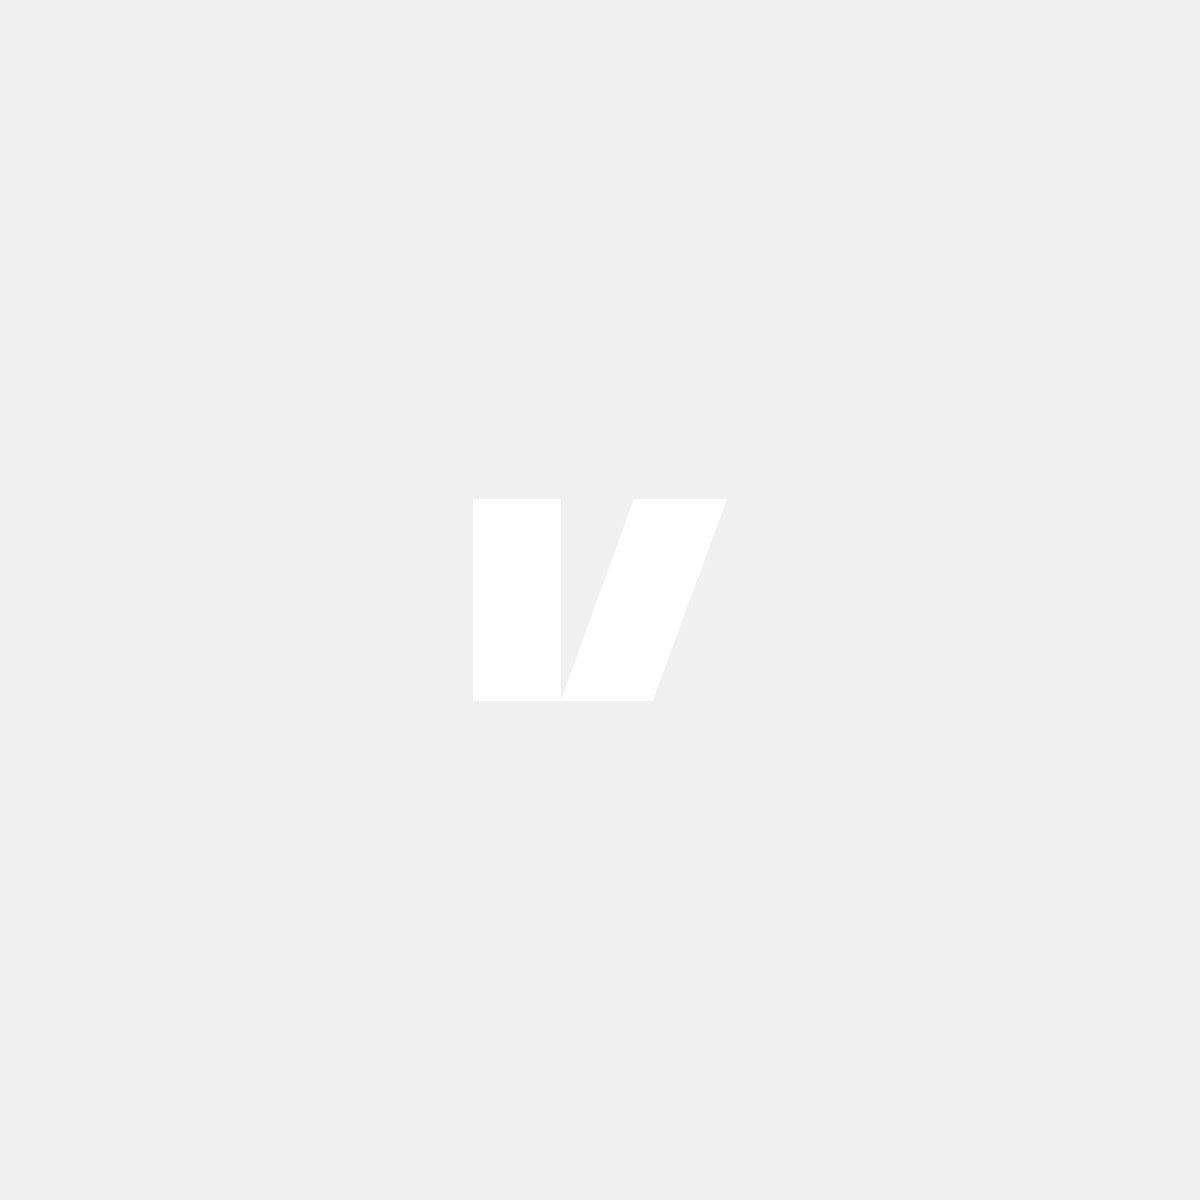 Brytare för fönsterhiss till Volvo 240, 260, 75-84